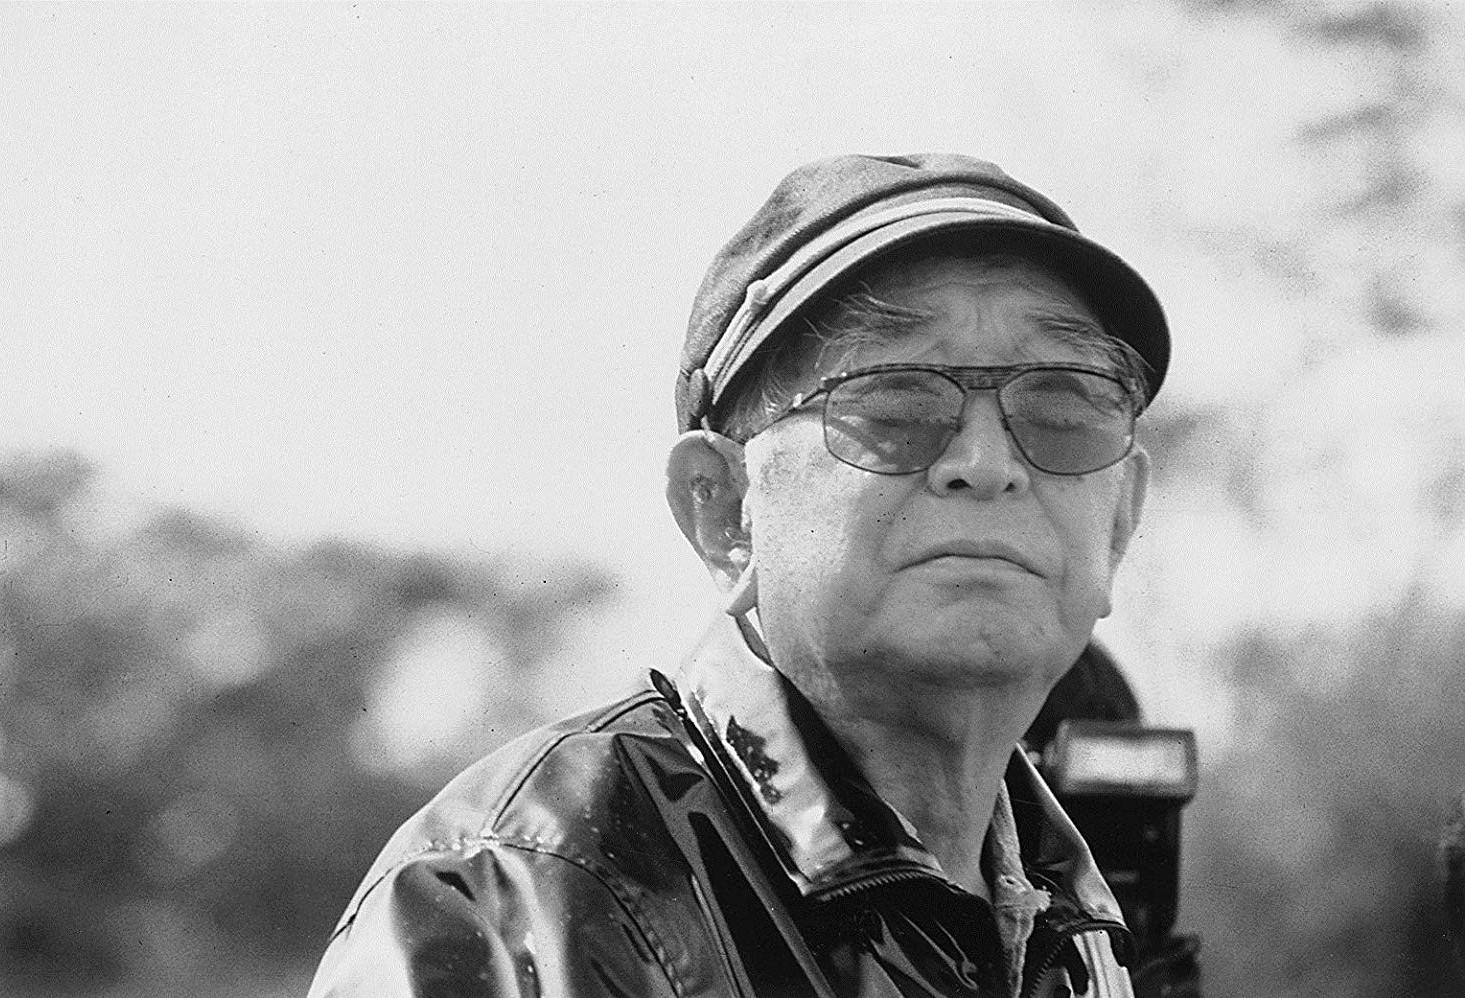 Homenagem a um dos cineastas mais importantes do Japão, Akira Kurosawa